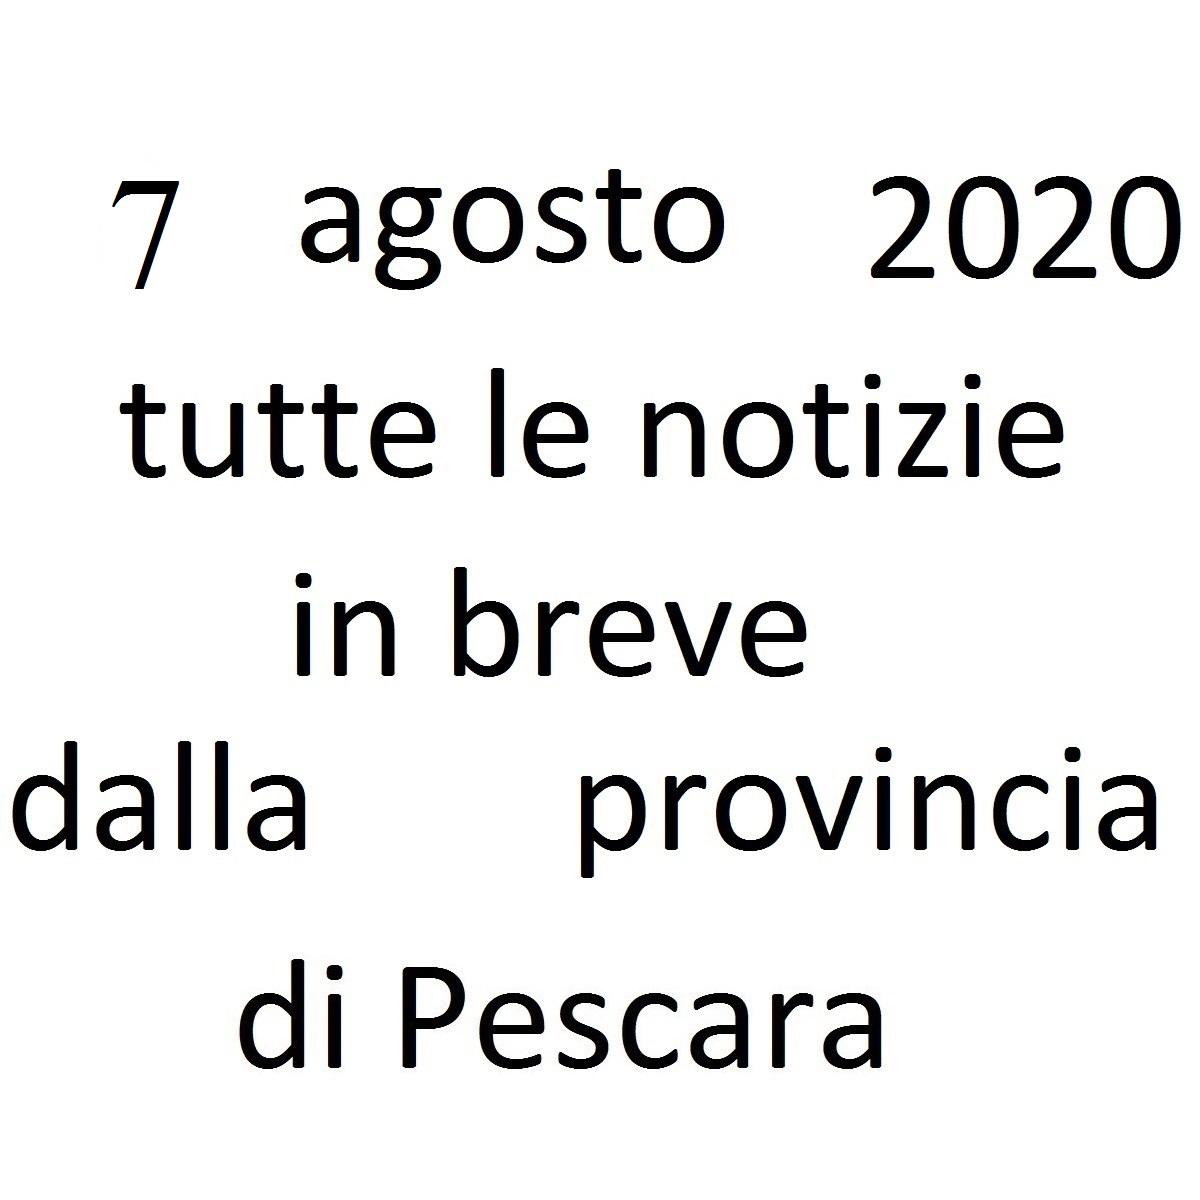 7 agosto 2020 notizie in breve dalla Provincia di Pescara foto